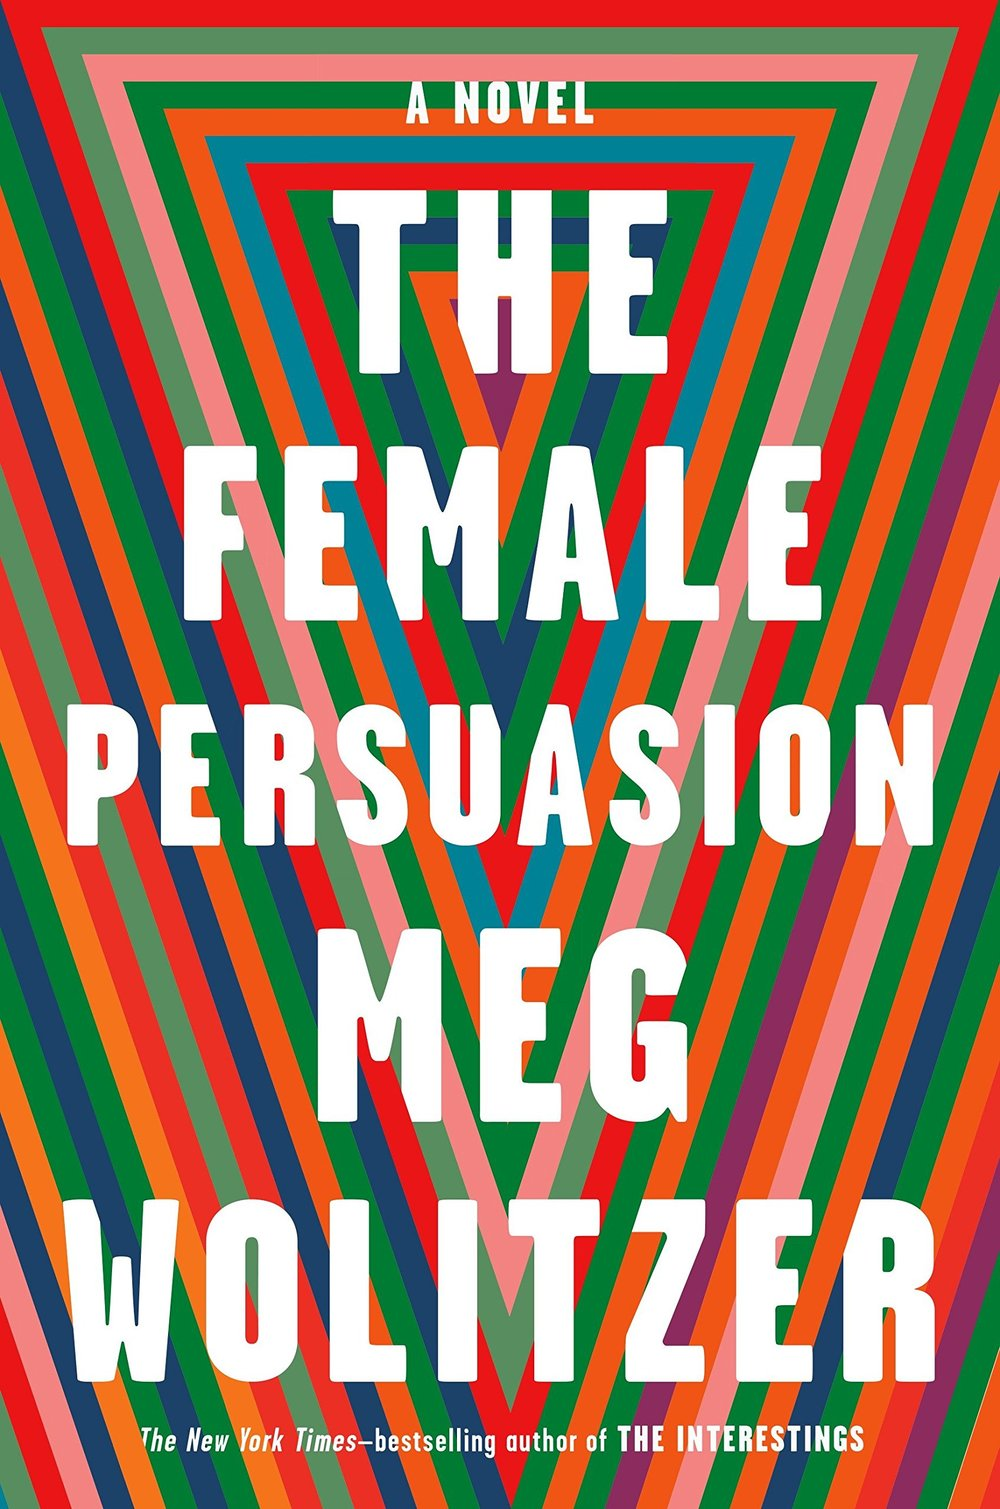 female persuasion (1).jpg